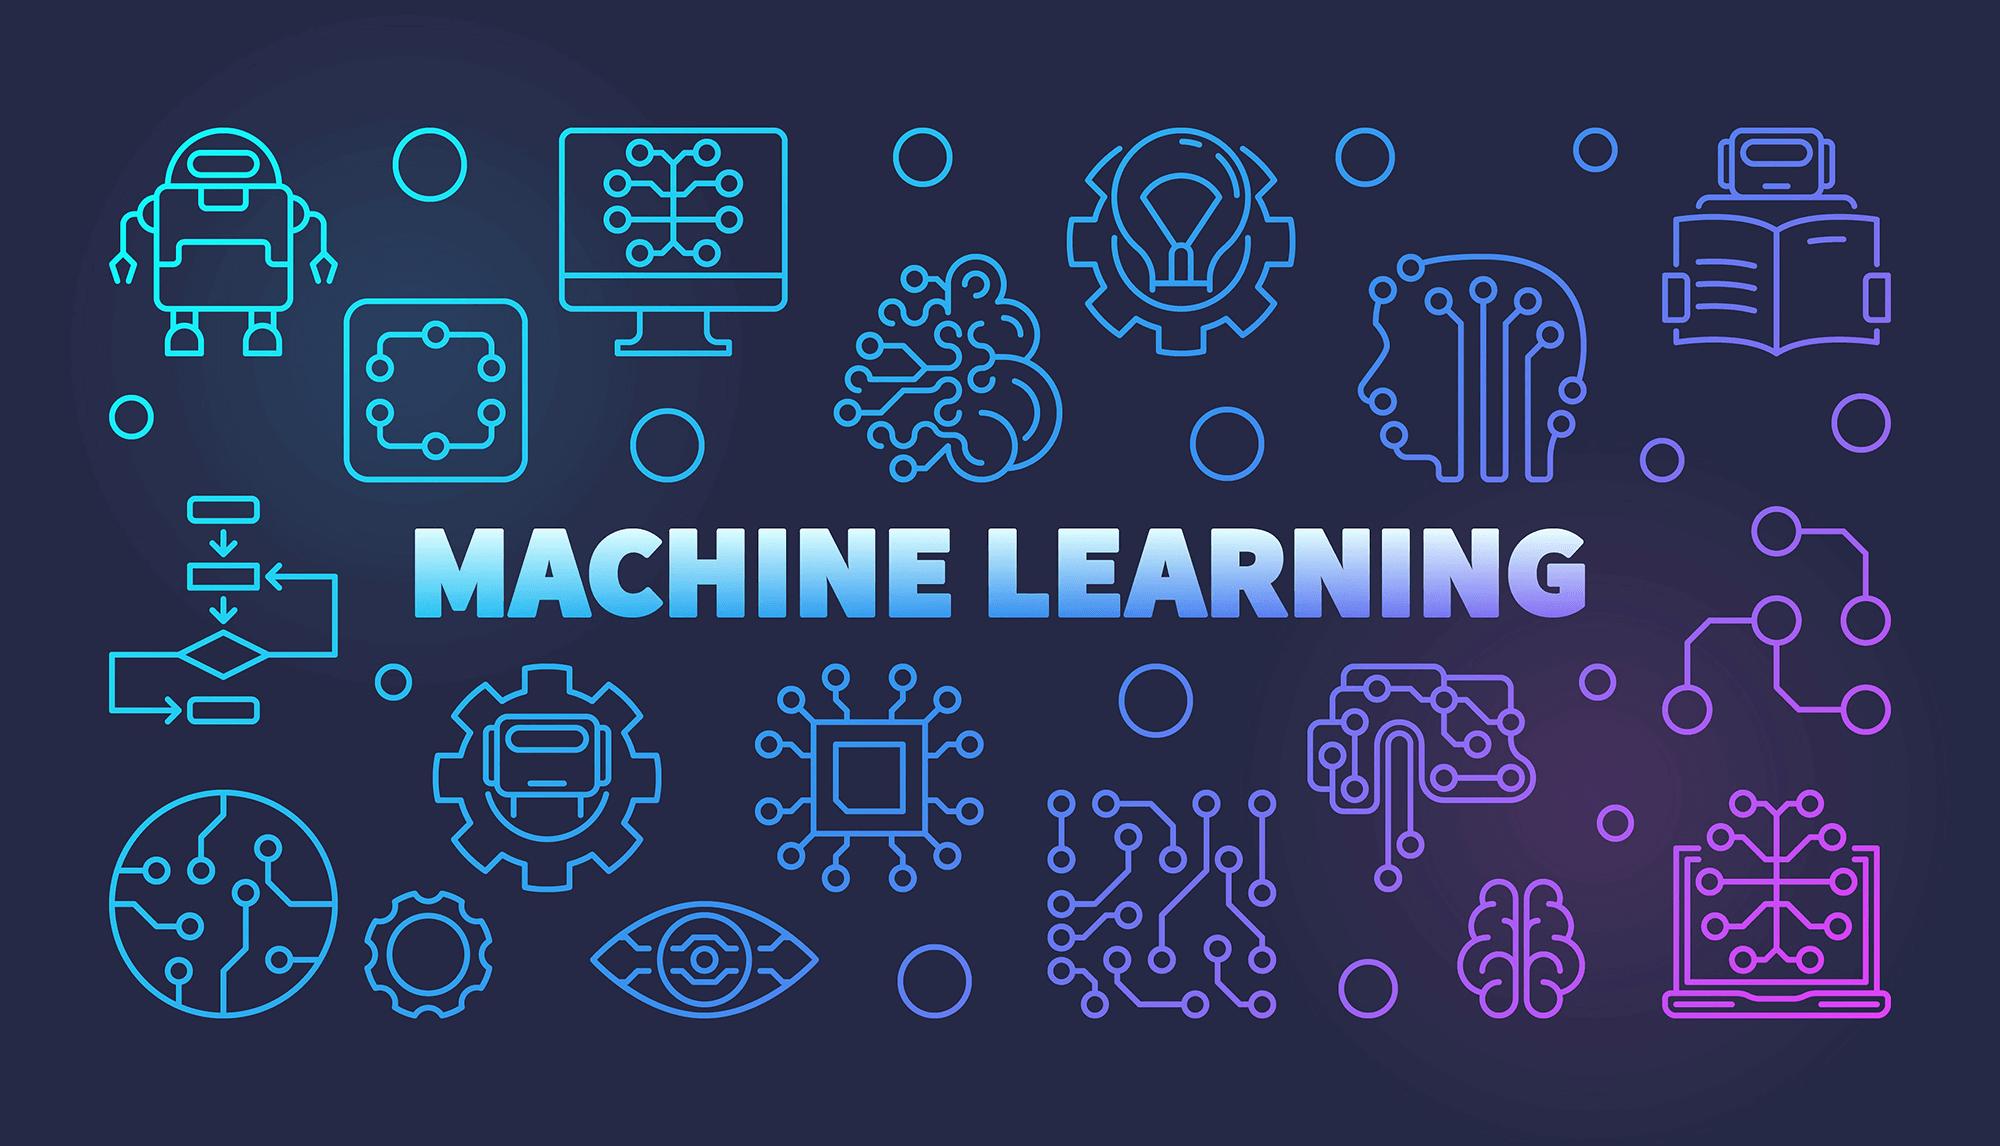 یادگیری ماشین چیست؟